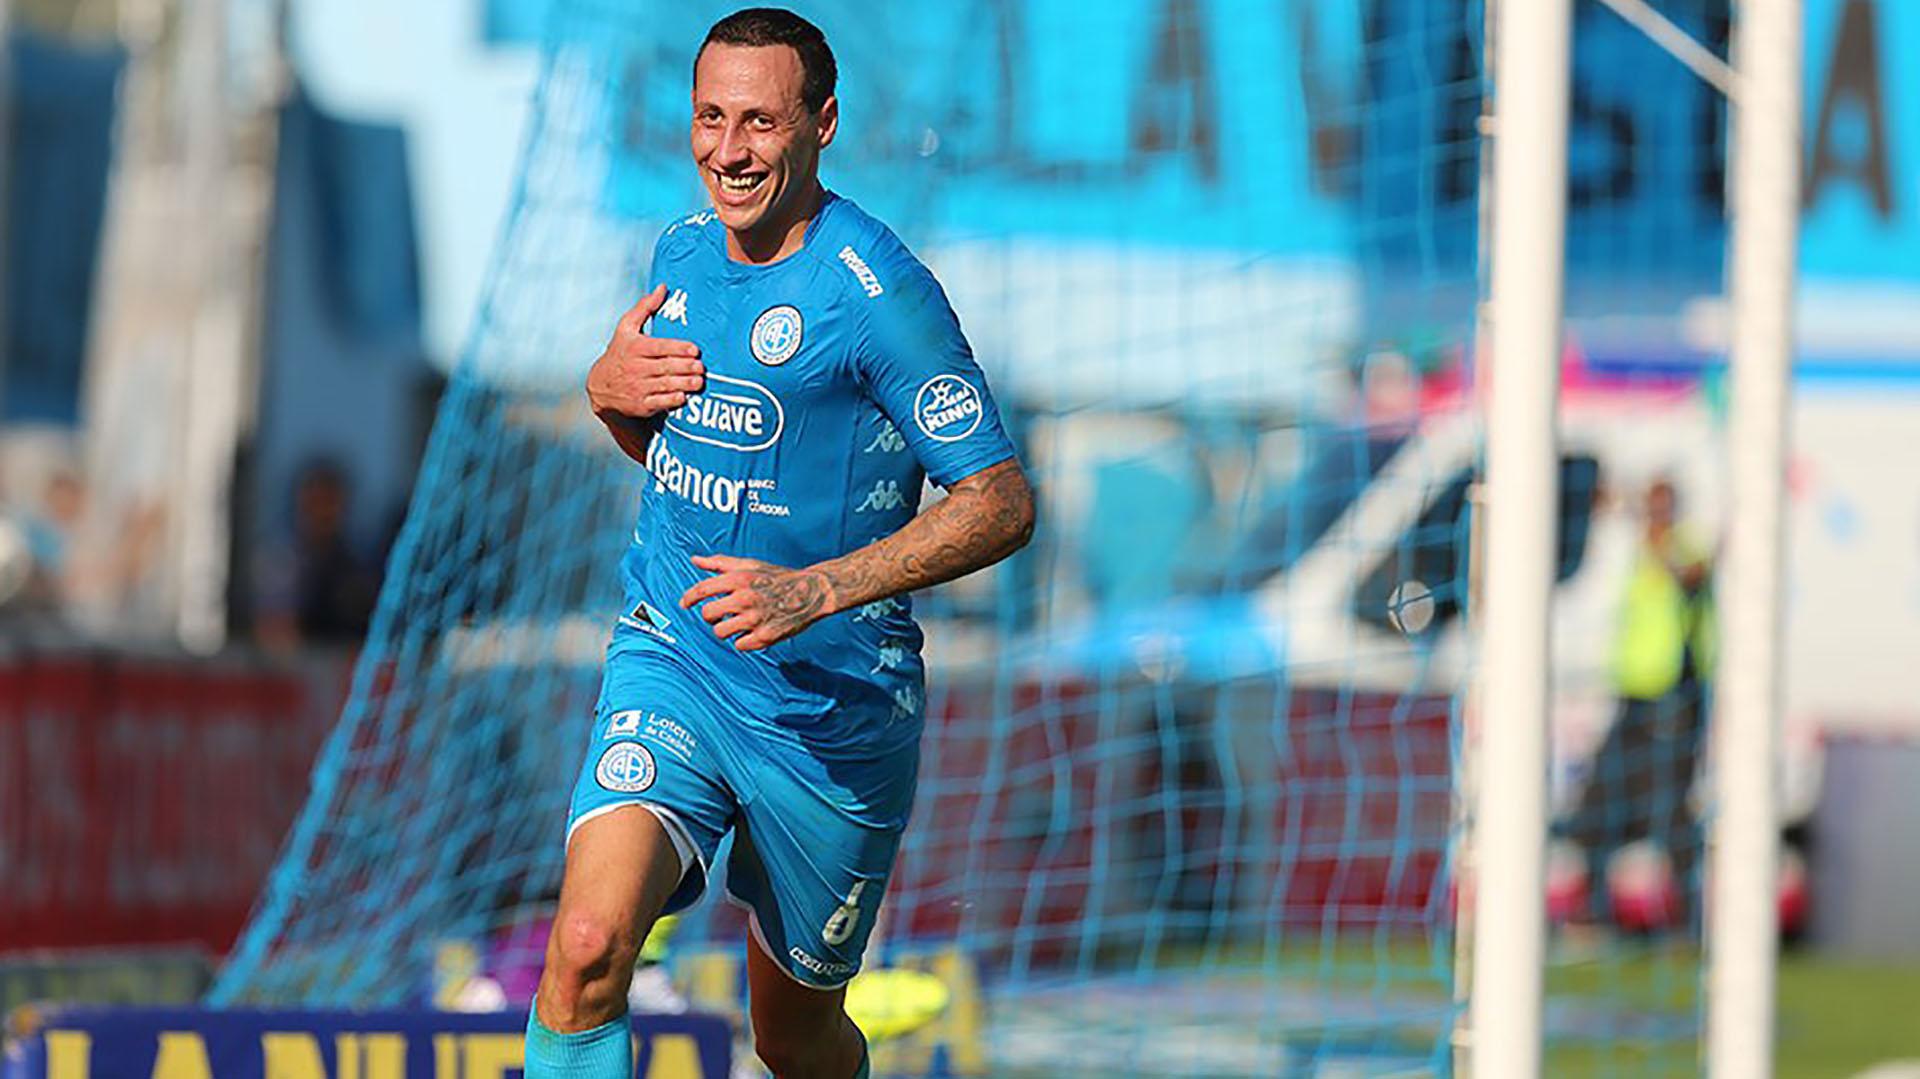 Belgrano necesita de un triunfo para meterse dentro de zona de clasificación para la copa Sudamericana (Crédito: @Belgrano)